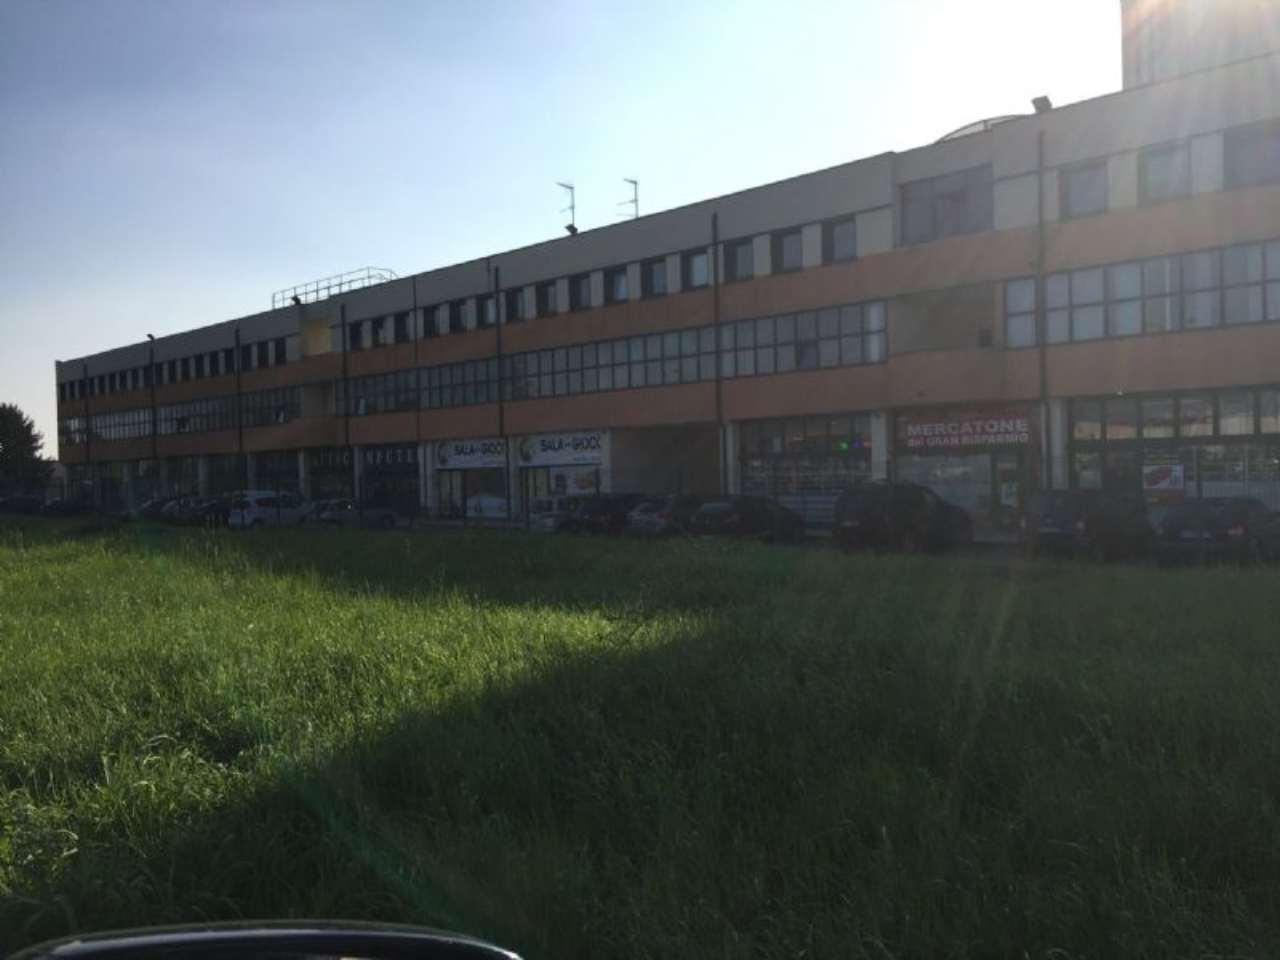 Ufficio / Studio in affitto a Magenta, 5 locali, prezzo € 1.250 | CambioCasa.it